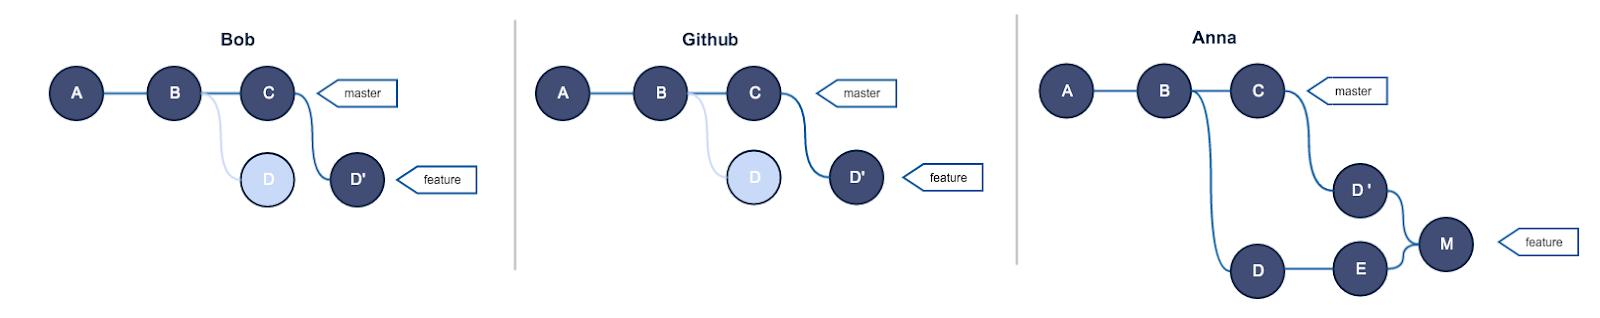 Руководство по Git. Часть №2: золотое правило и другие основы rebase - 8